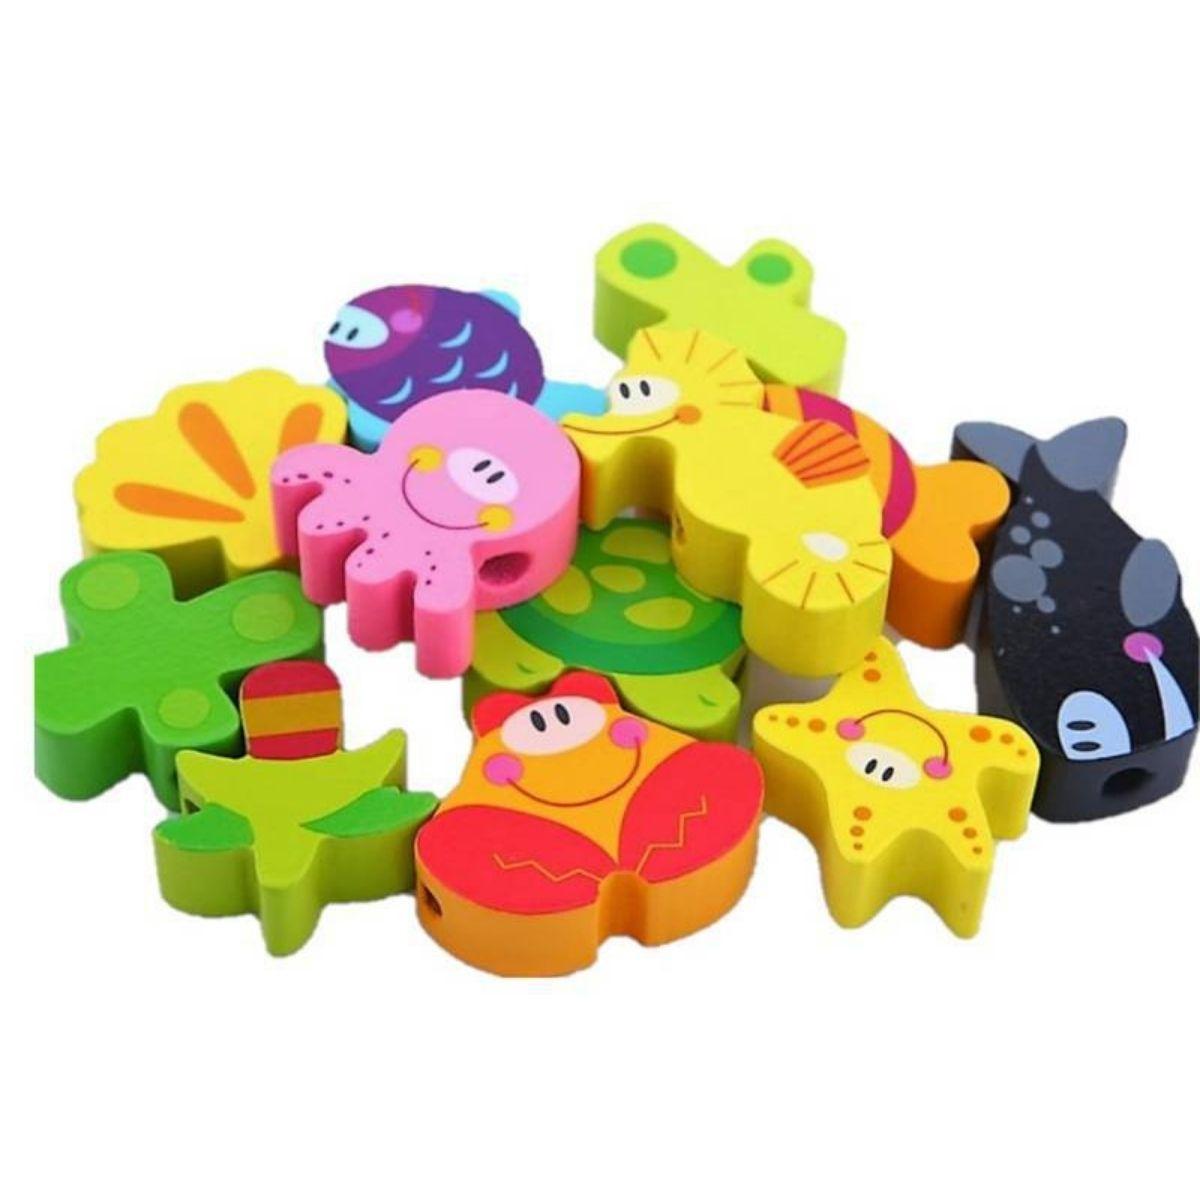 Brinquedo Educativo Lúdico Blocos de Laço Mar